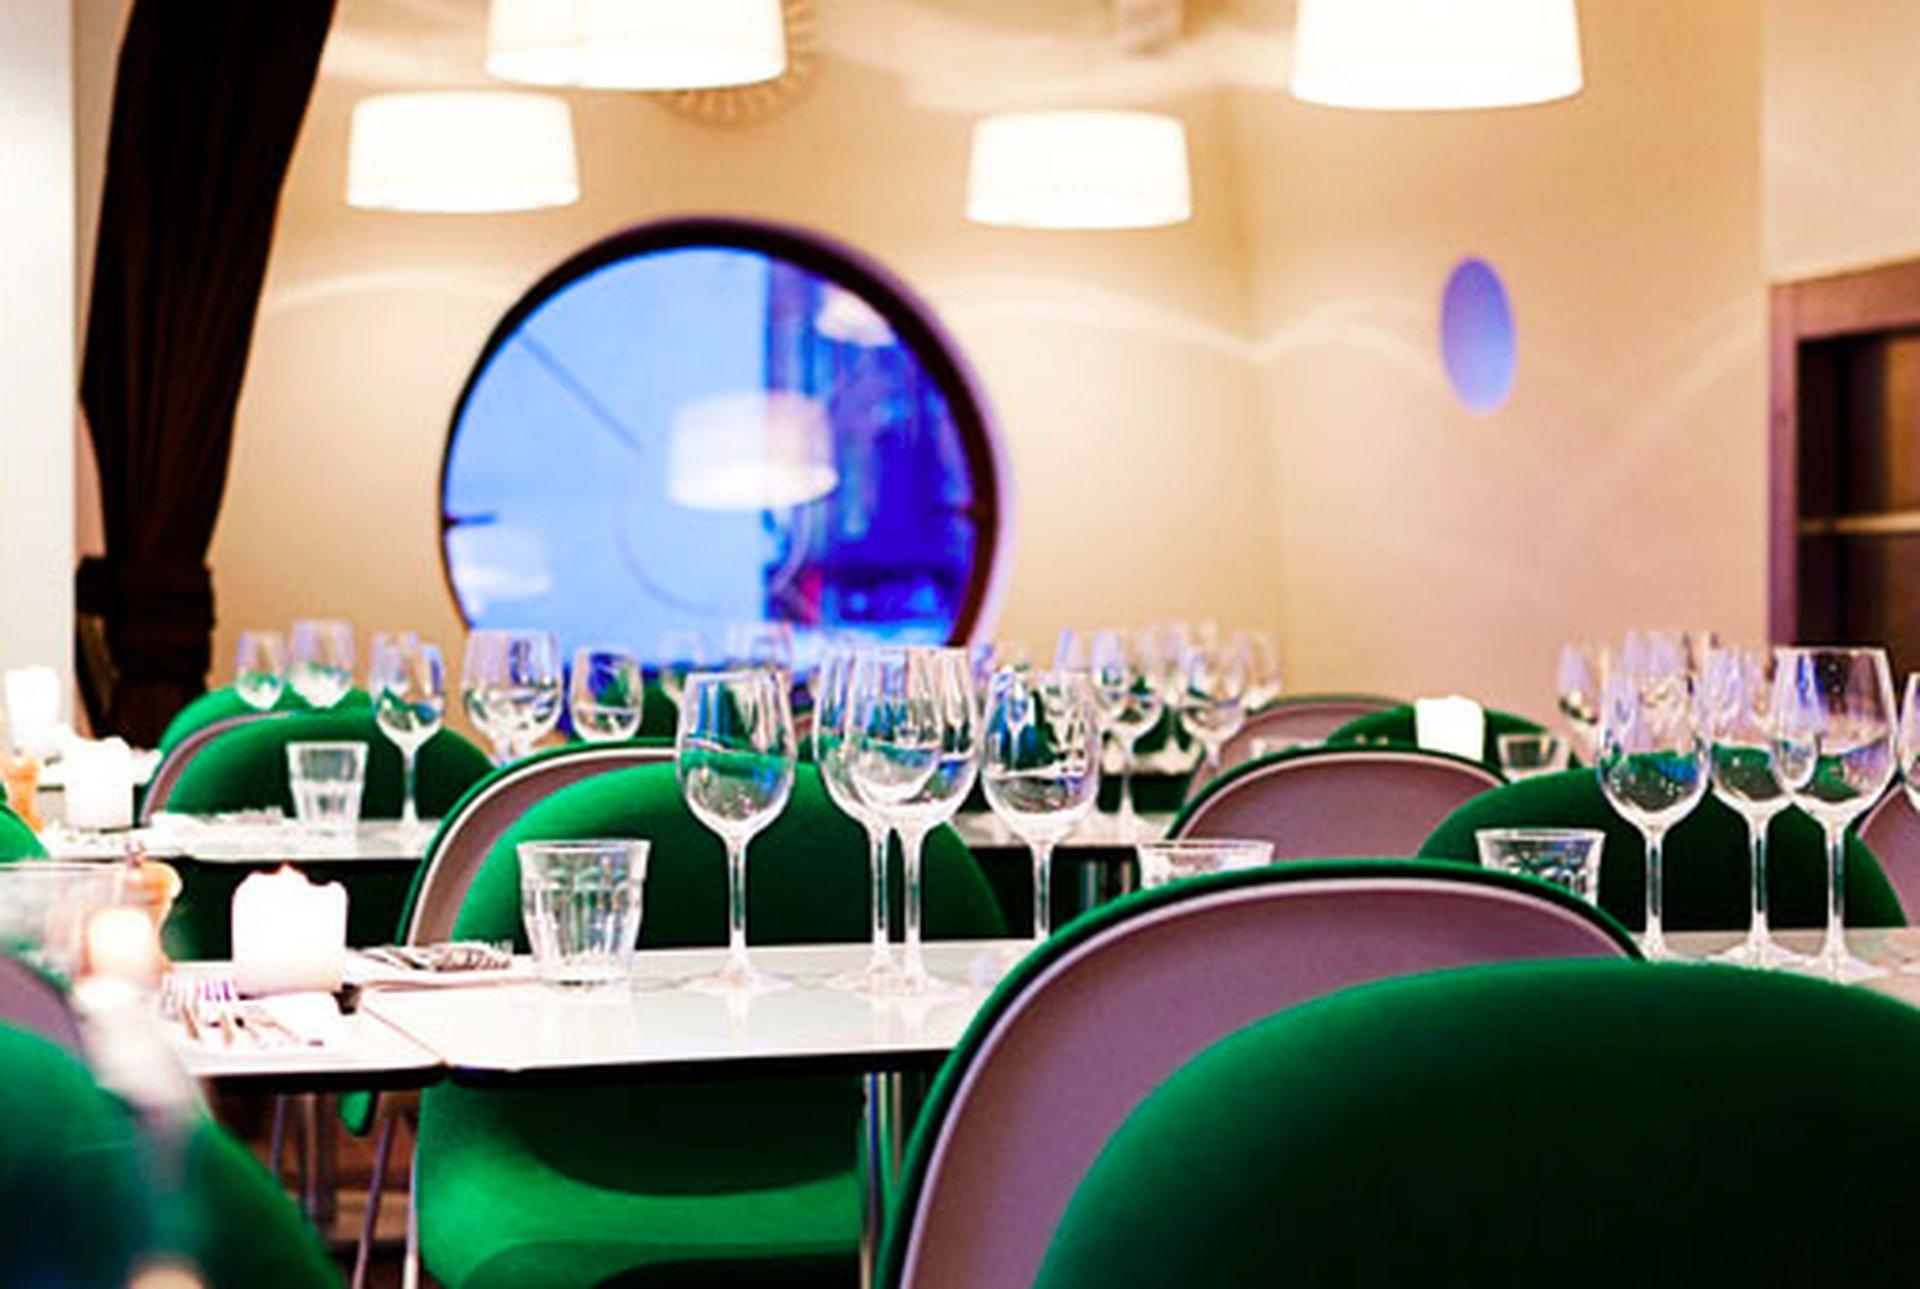 Copenhague corporate event venues Restaurant Restaurant Viva image 0